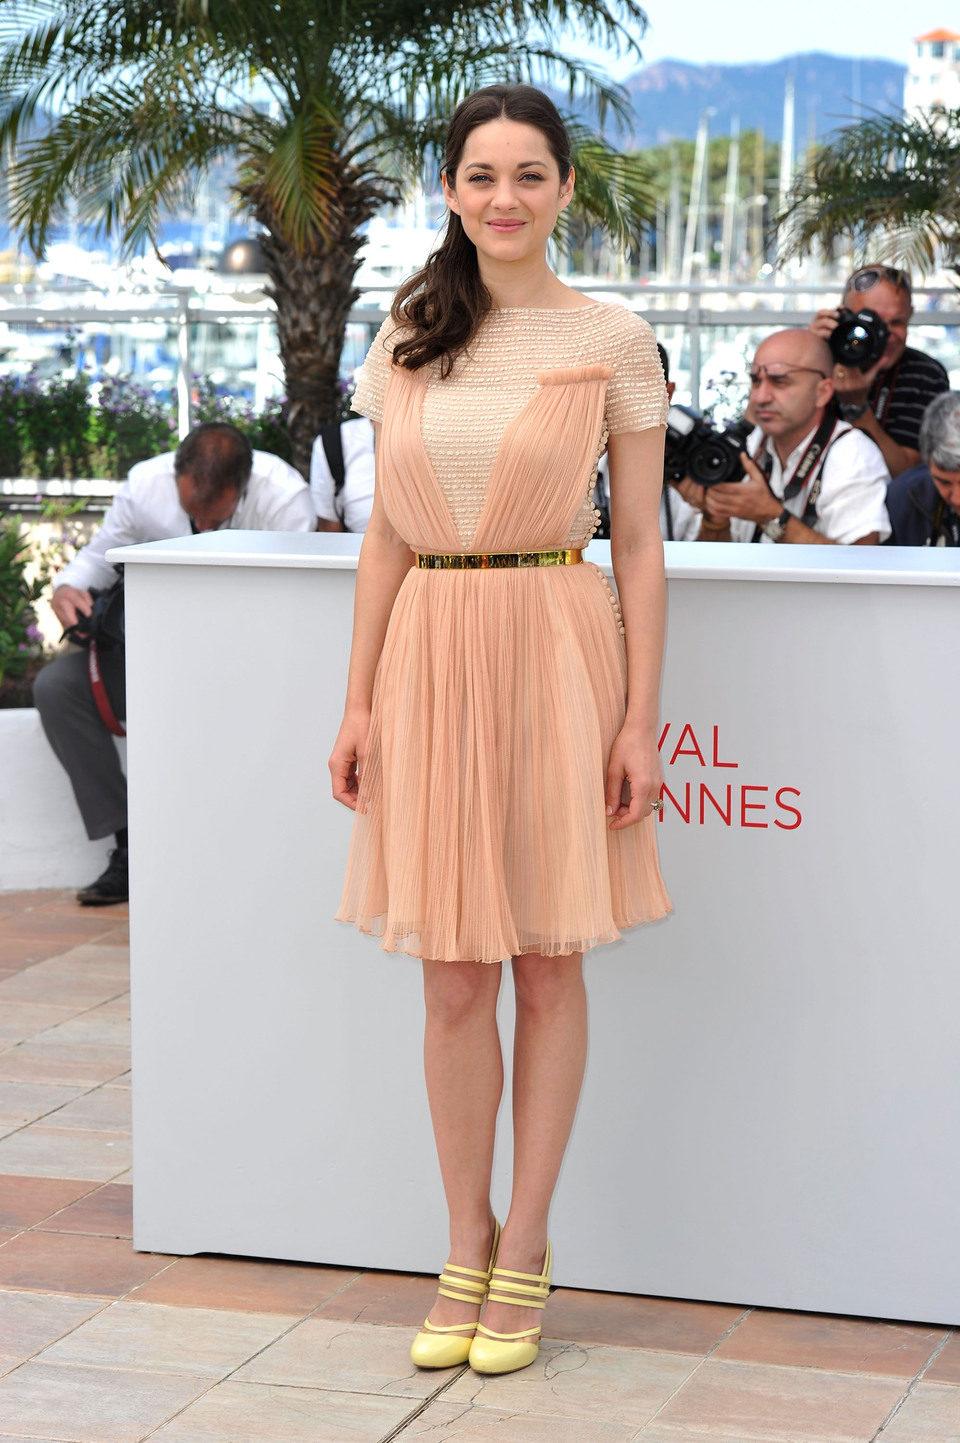 Marion Cotillard en el Festival de Cannes 2012